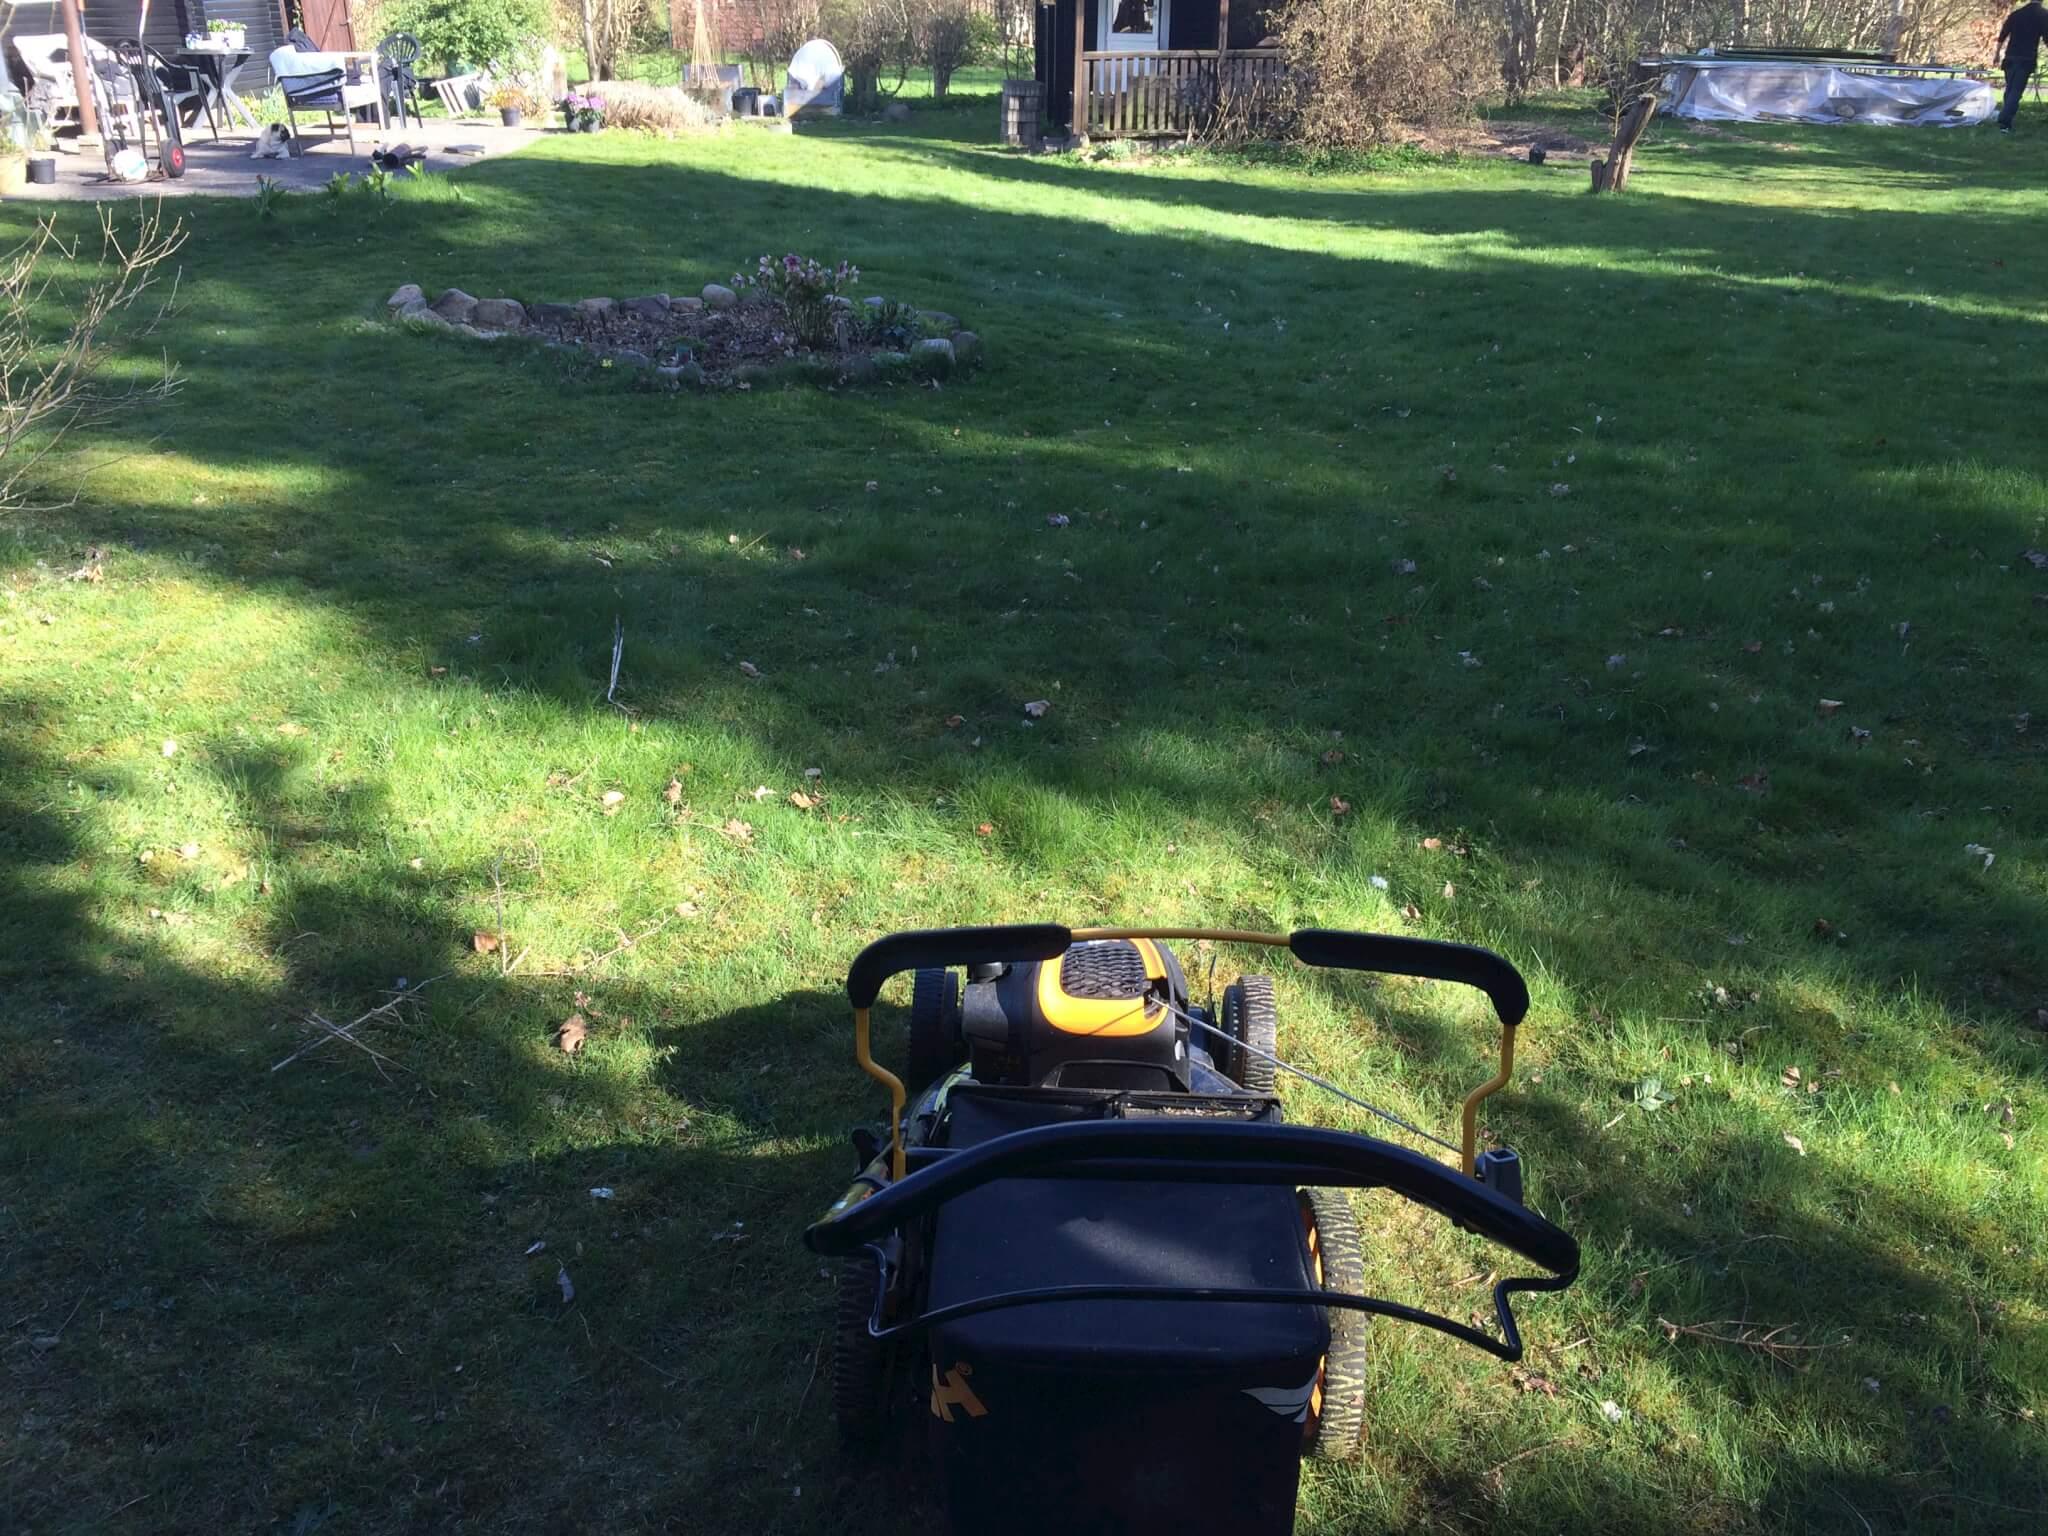 så er det tid til at slå græsset